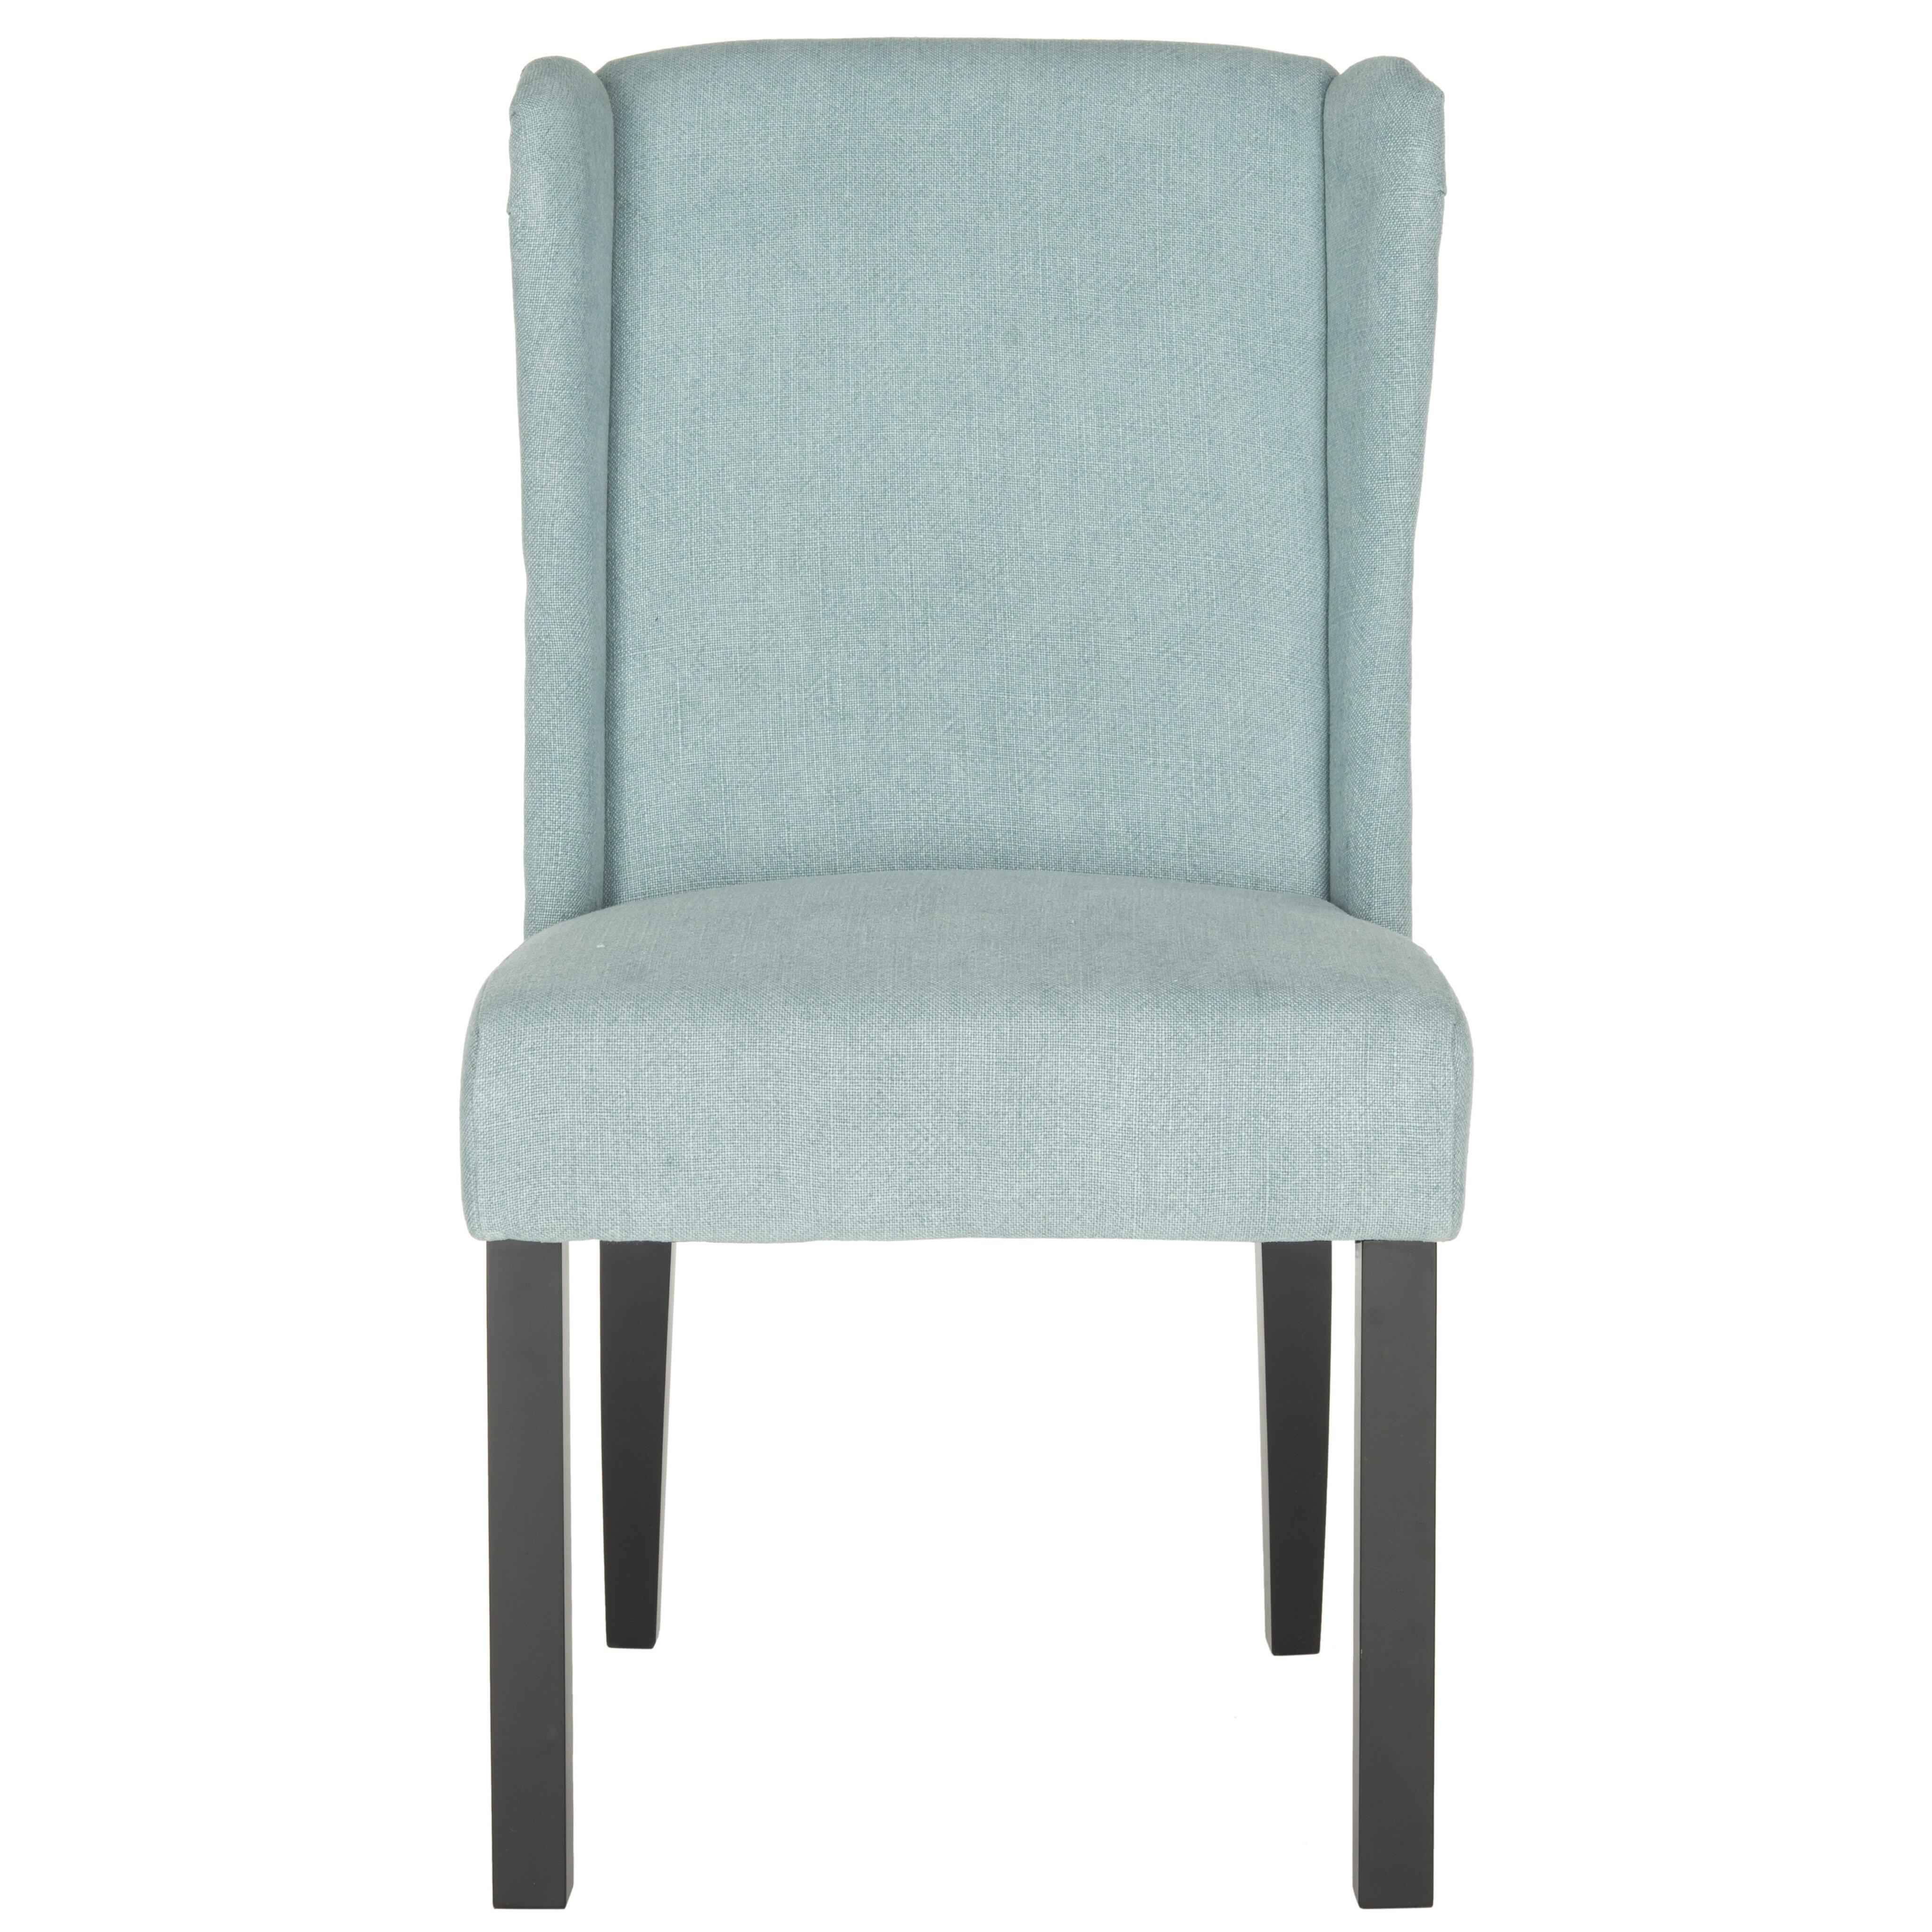 Alcott Hill Charlottesville Wingback Slipper Chair